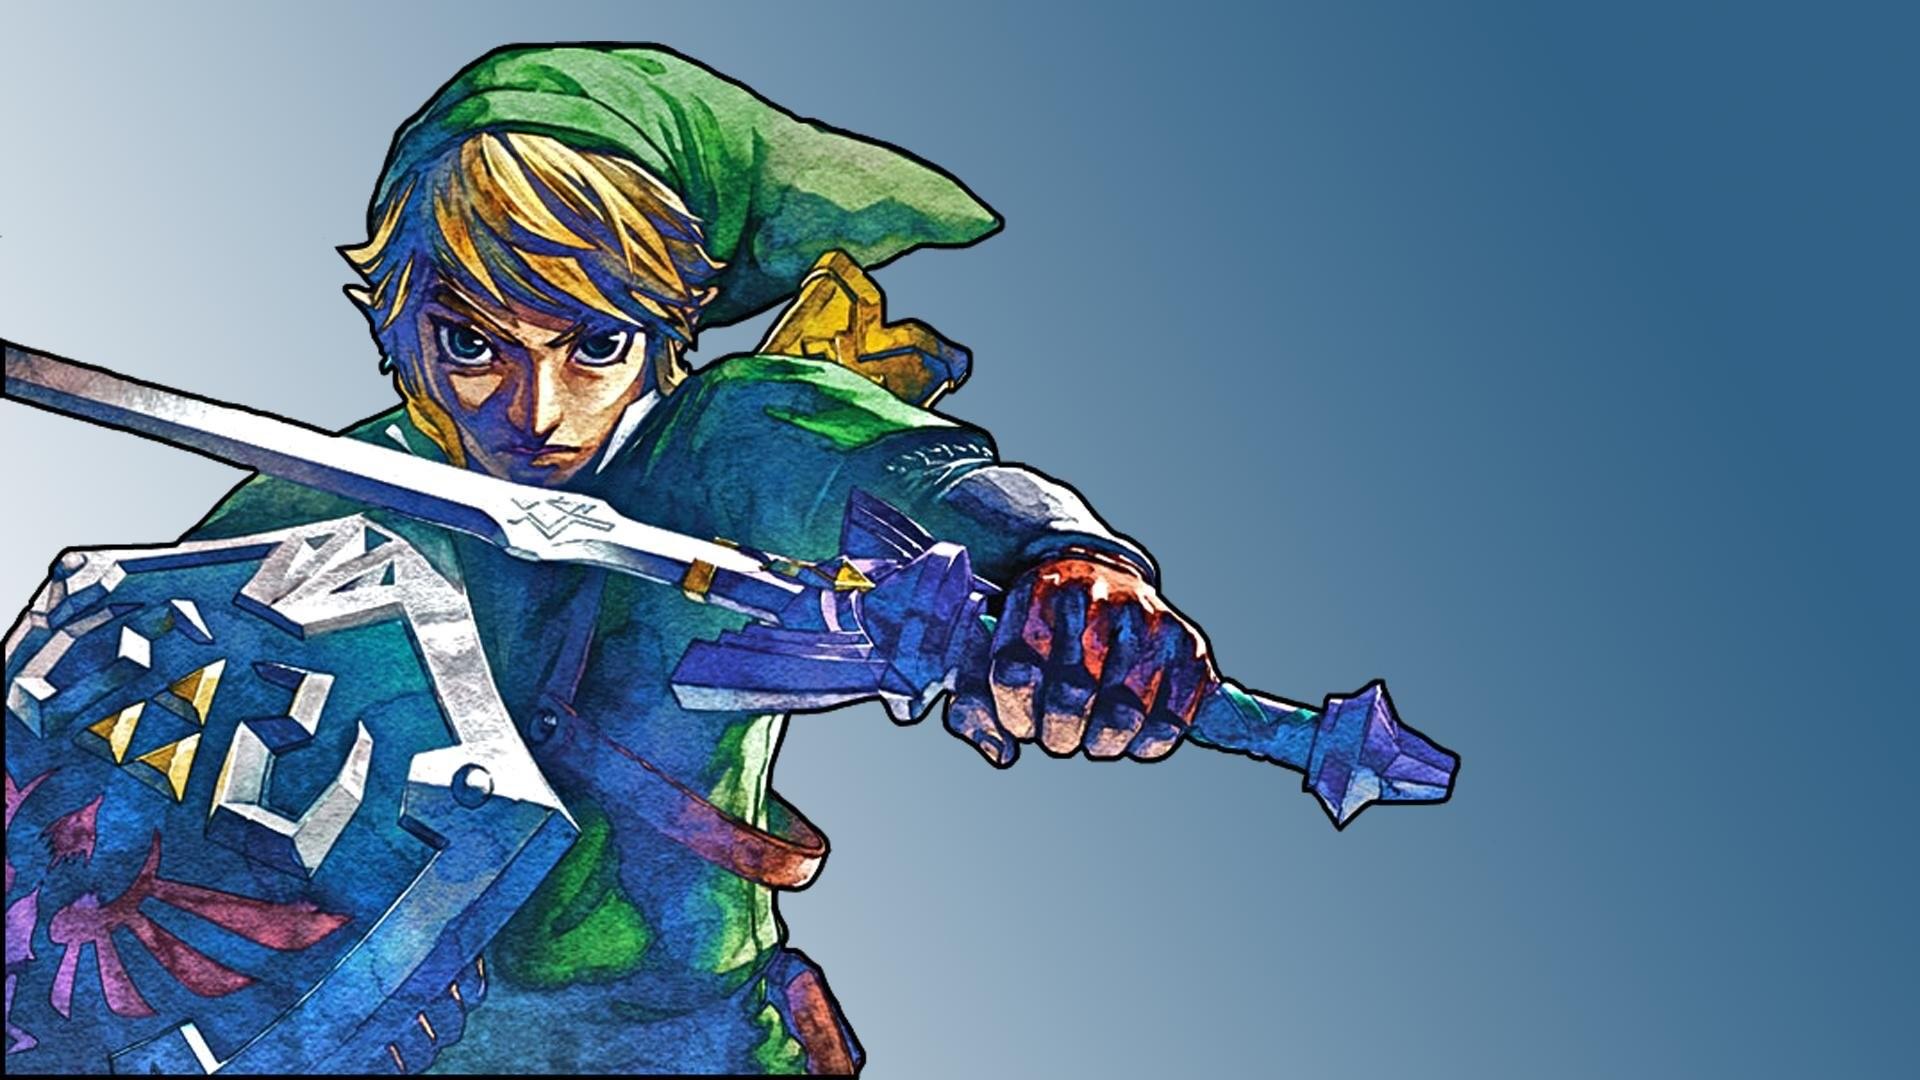 Res: 1920x1080, Free Download Zelda Wallpapers HD.